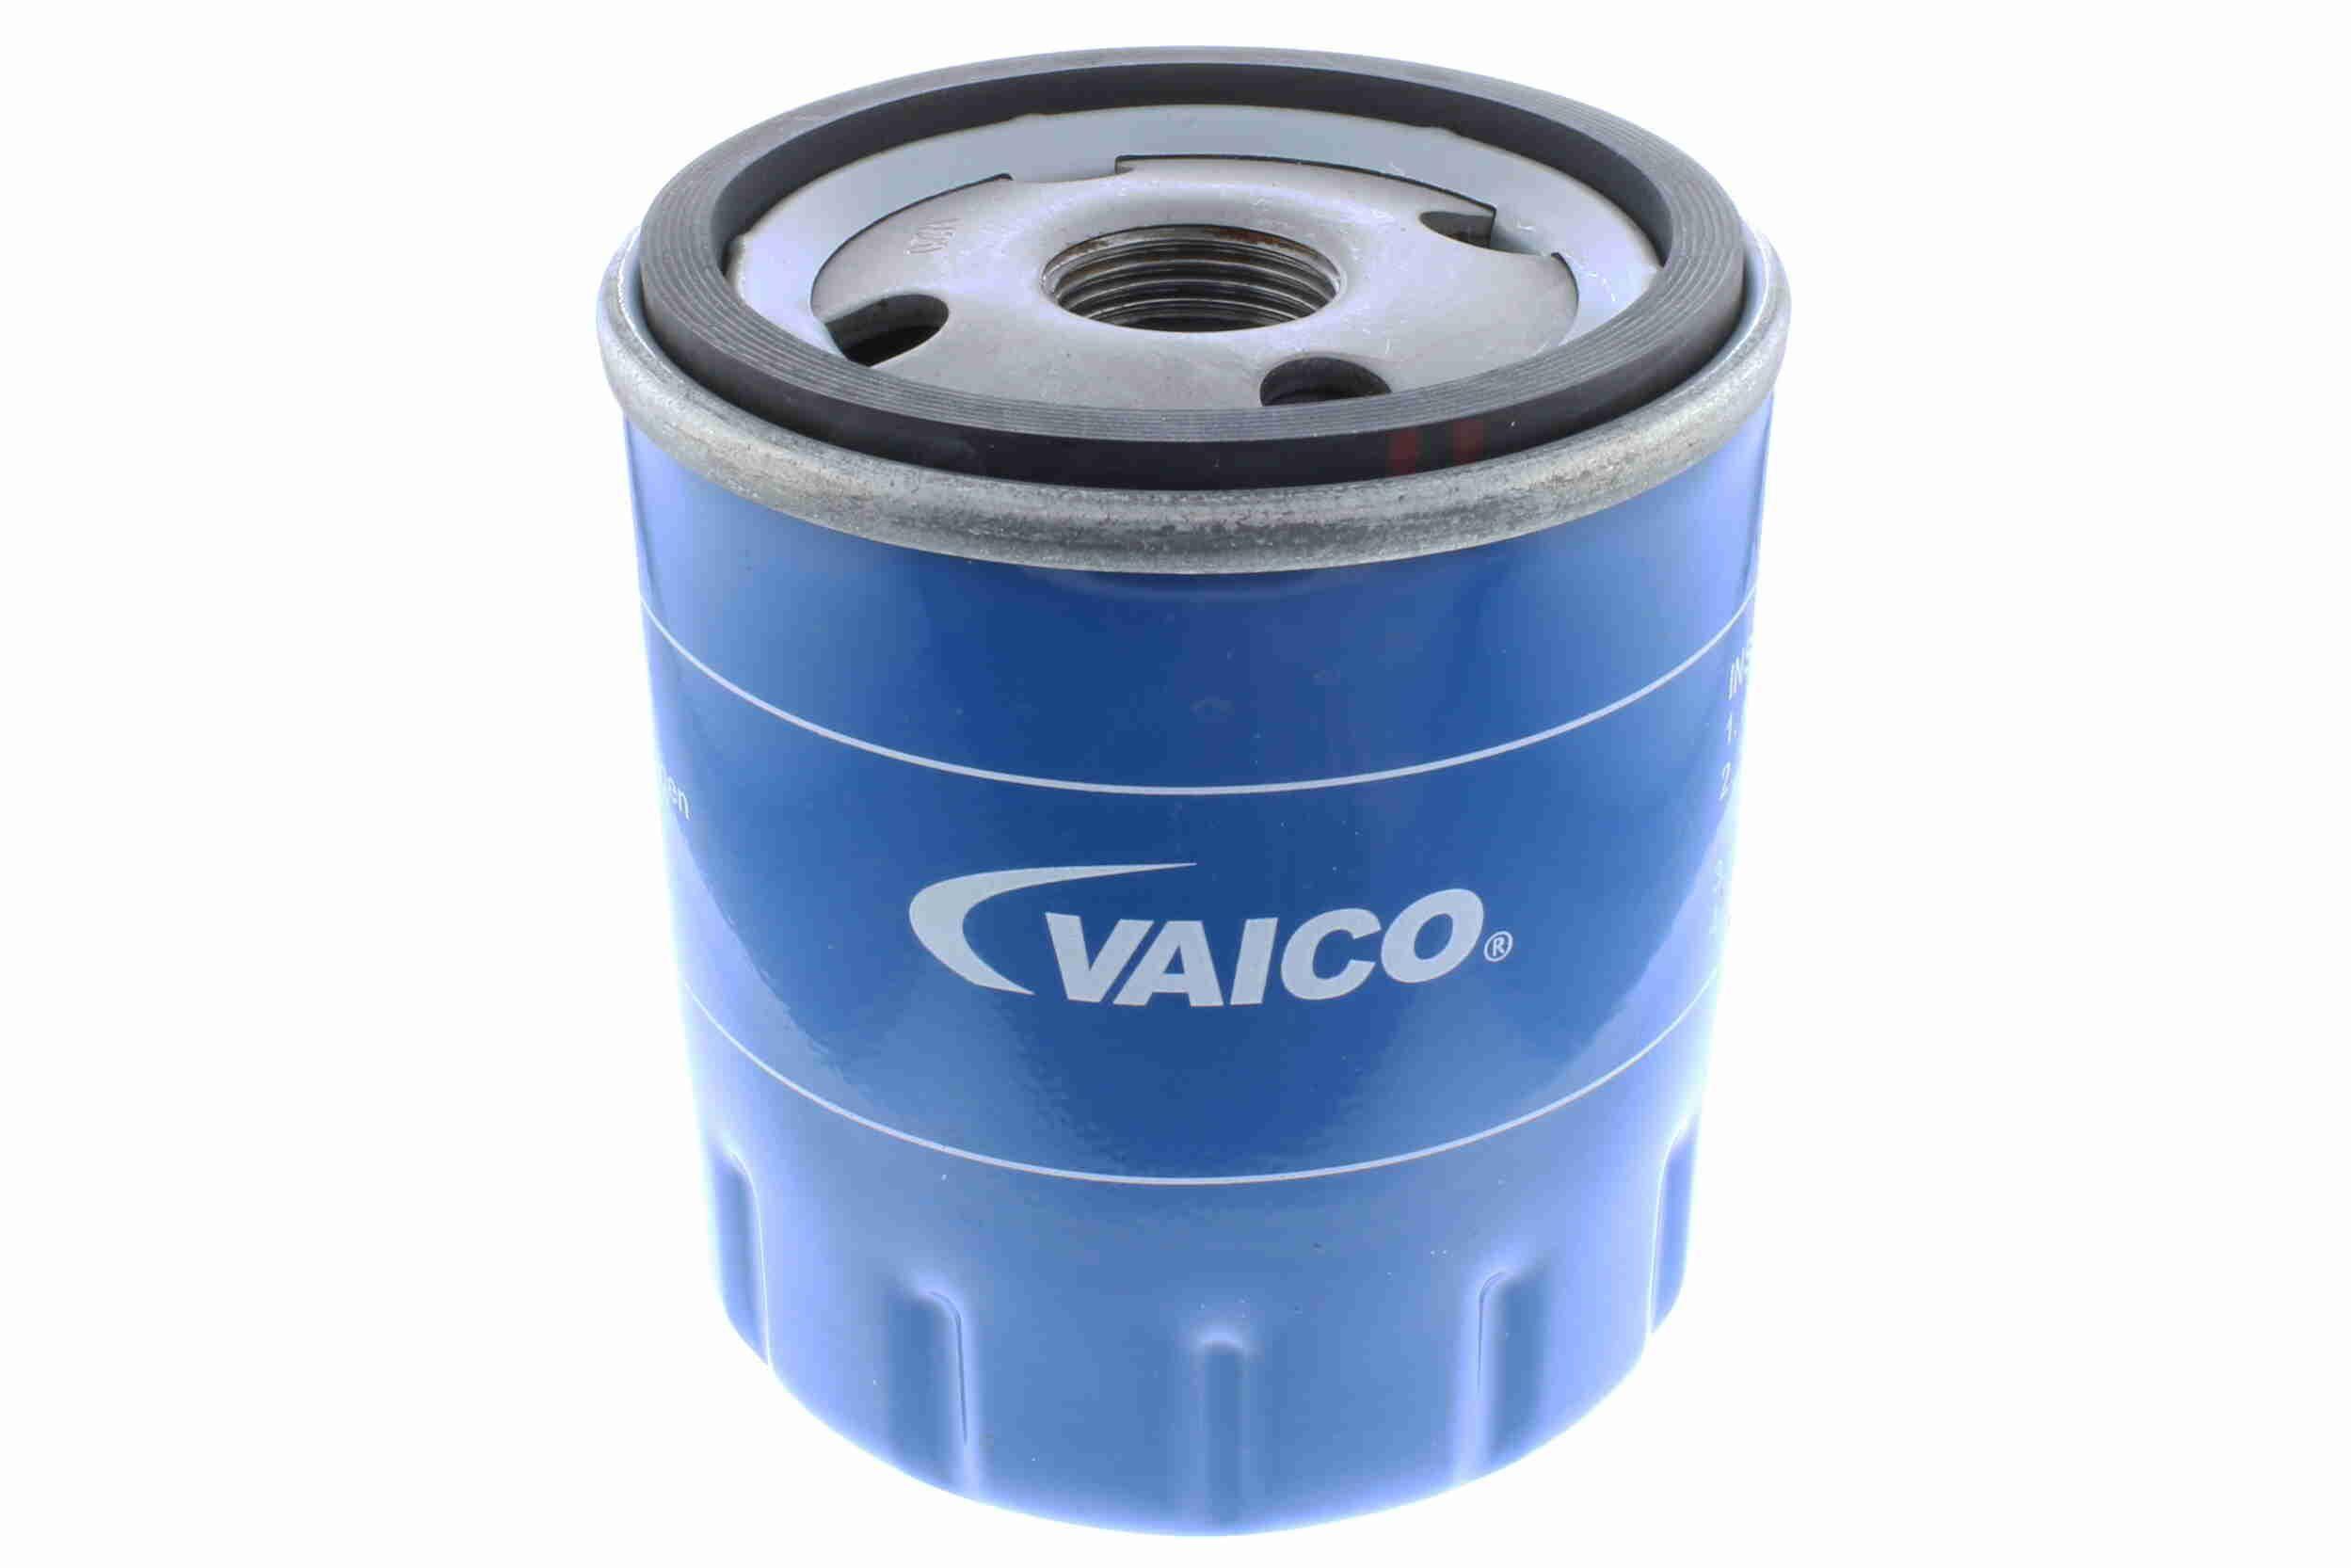 Artikelnummer V46-0086 VAICO Preise